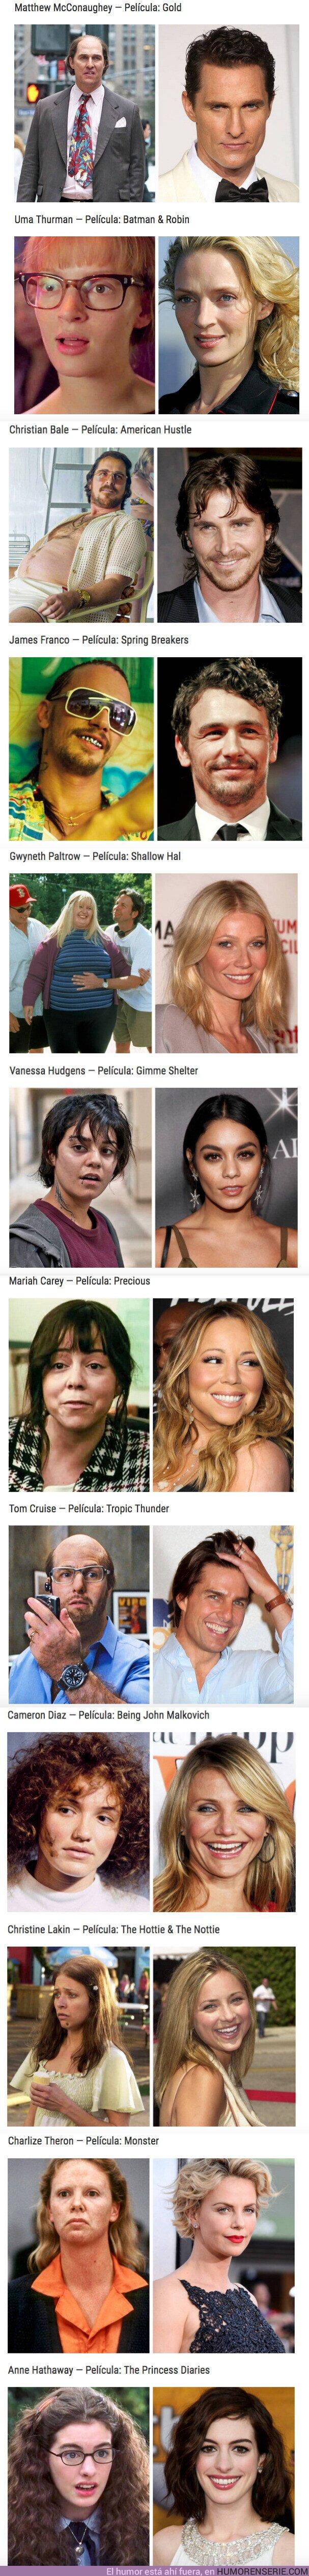 52487 - GALERÍA: 12 actores y actrices que nos dejaron con la boca abierta con su cambio físico para conseguir un papel